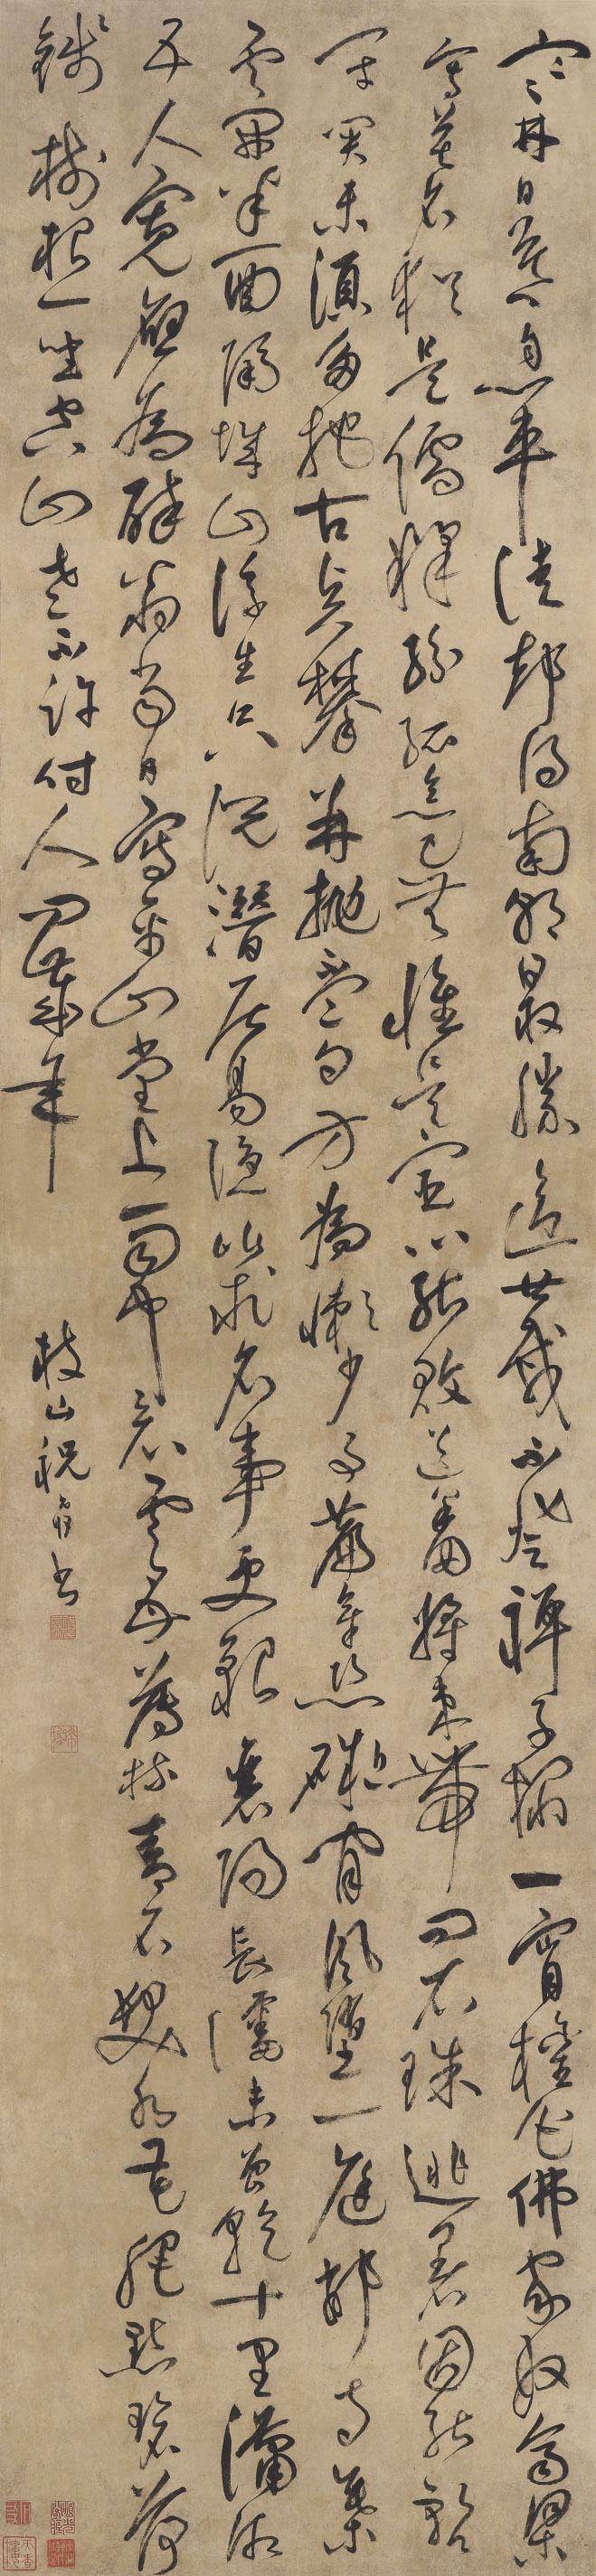 ZHU YUNMING (1460-1526)